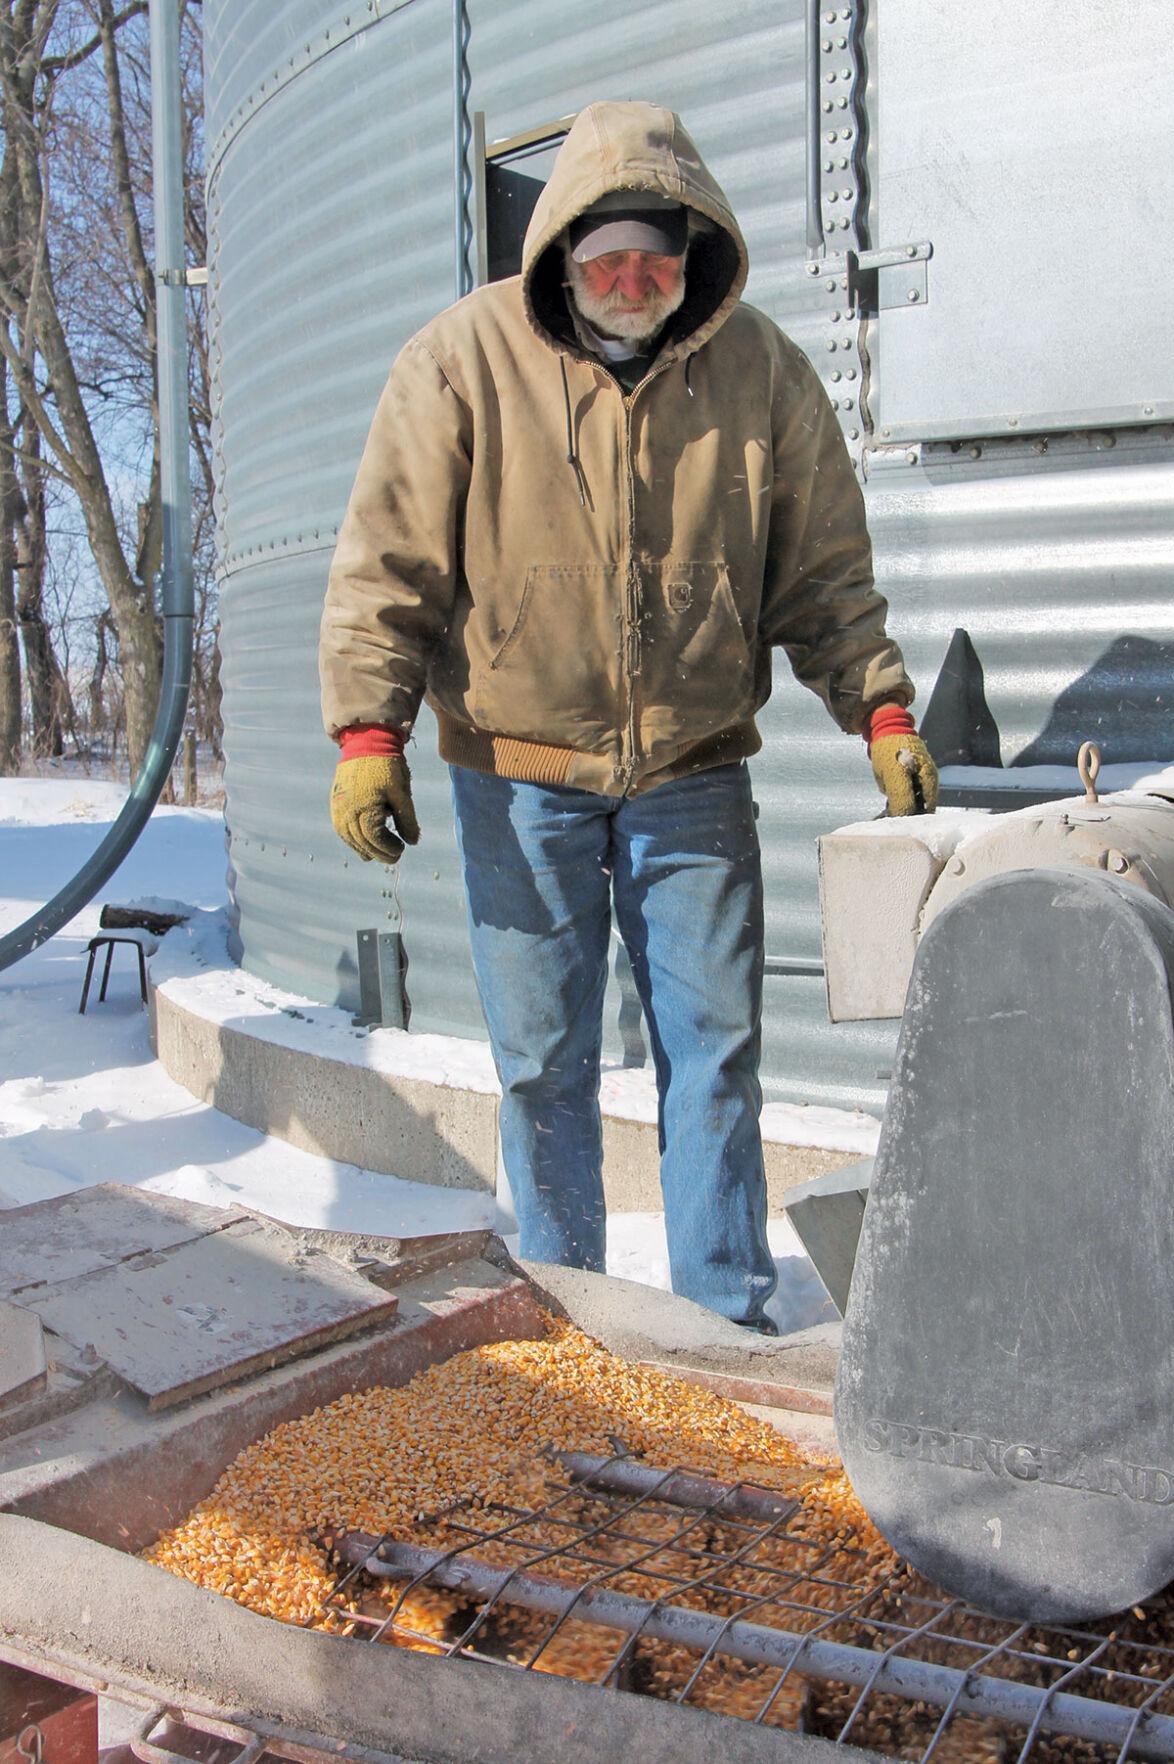 Keith Lovrien loads corn